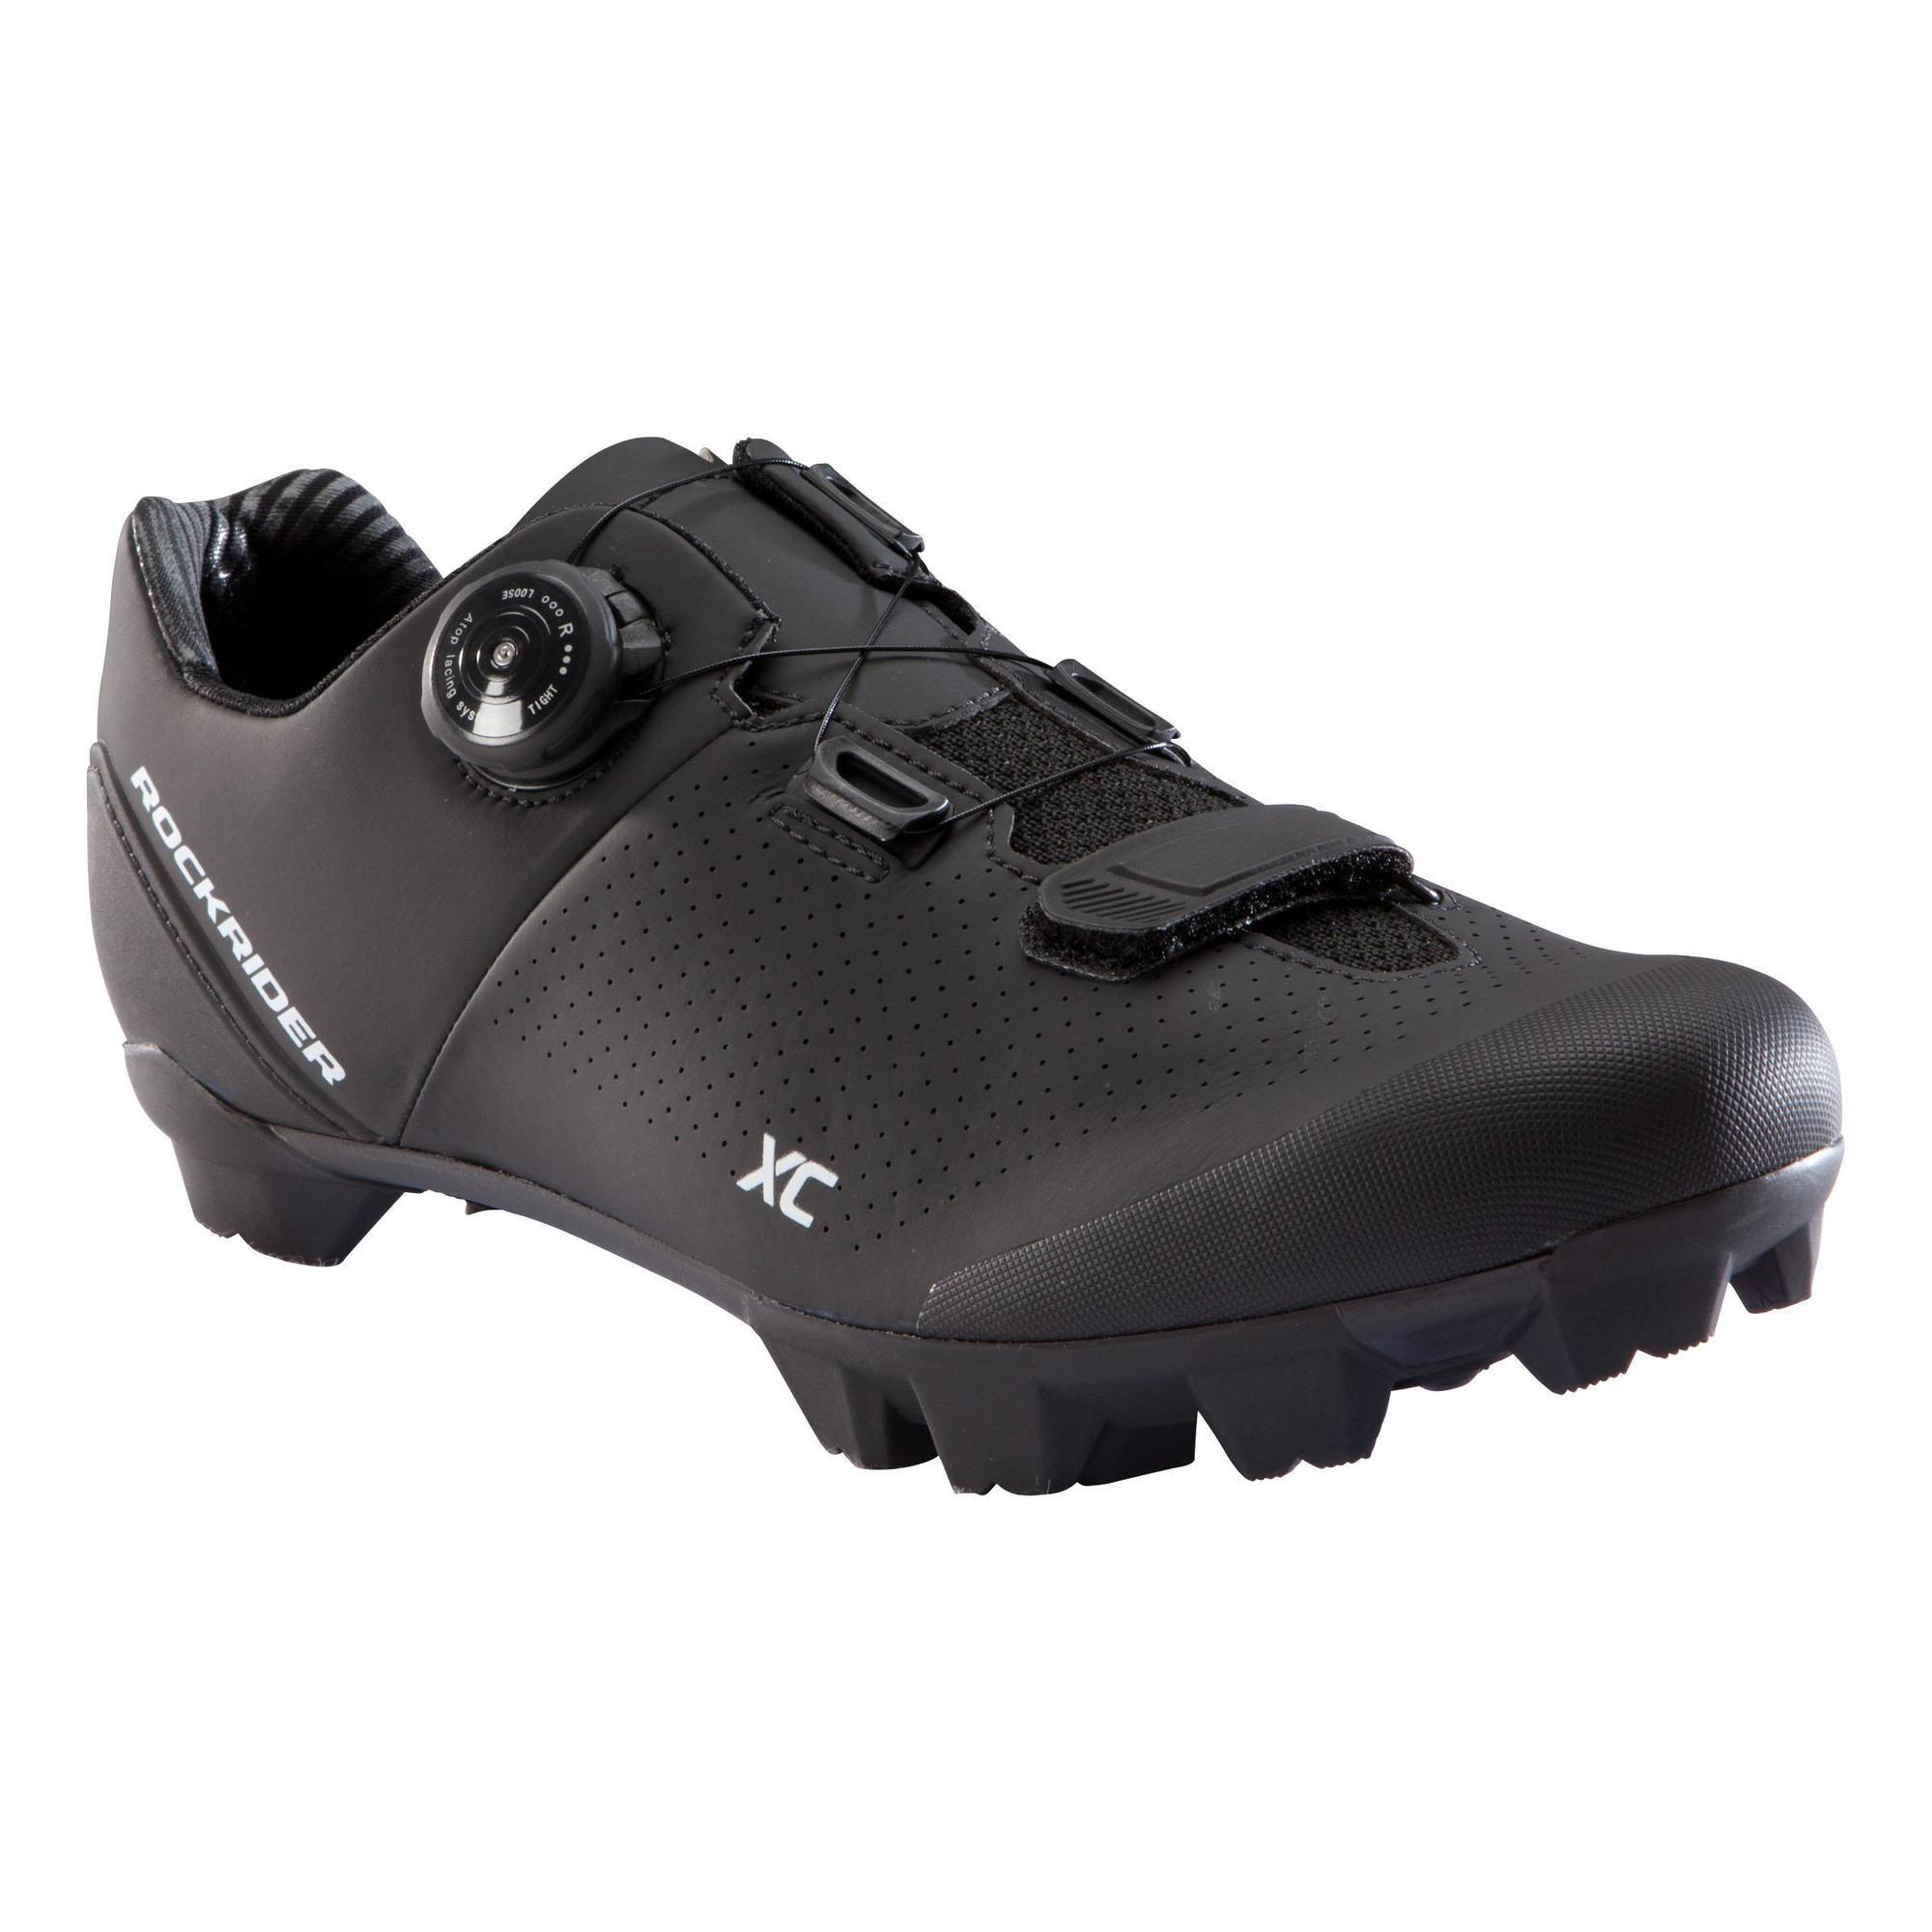 Fahrradschuhe MTB XC 500 neongelb | Schuhe > Sportschuhe > Fahrradschuhe | Rockrider